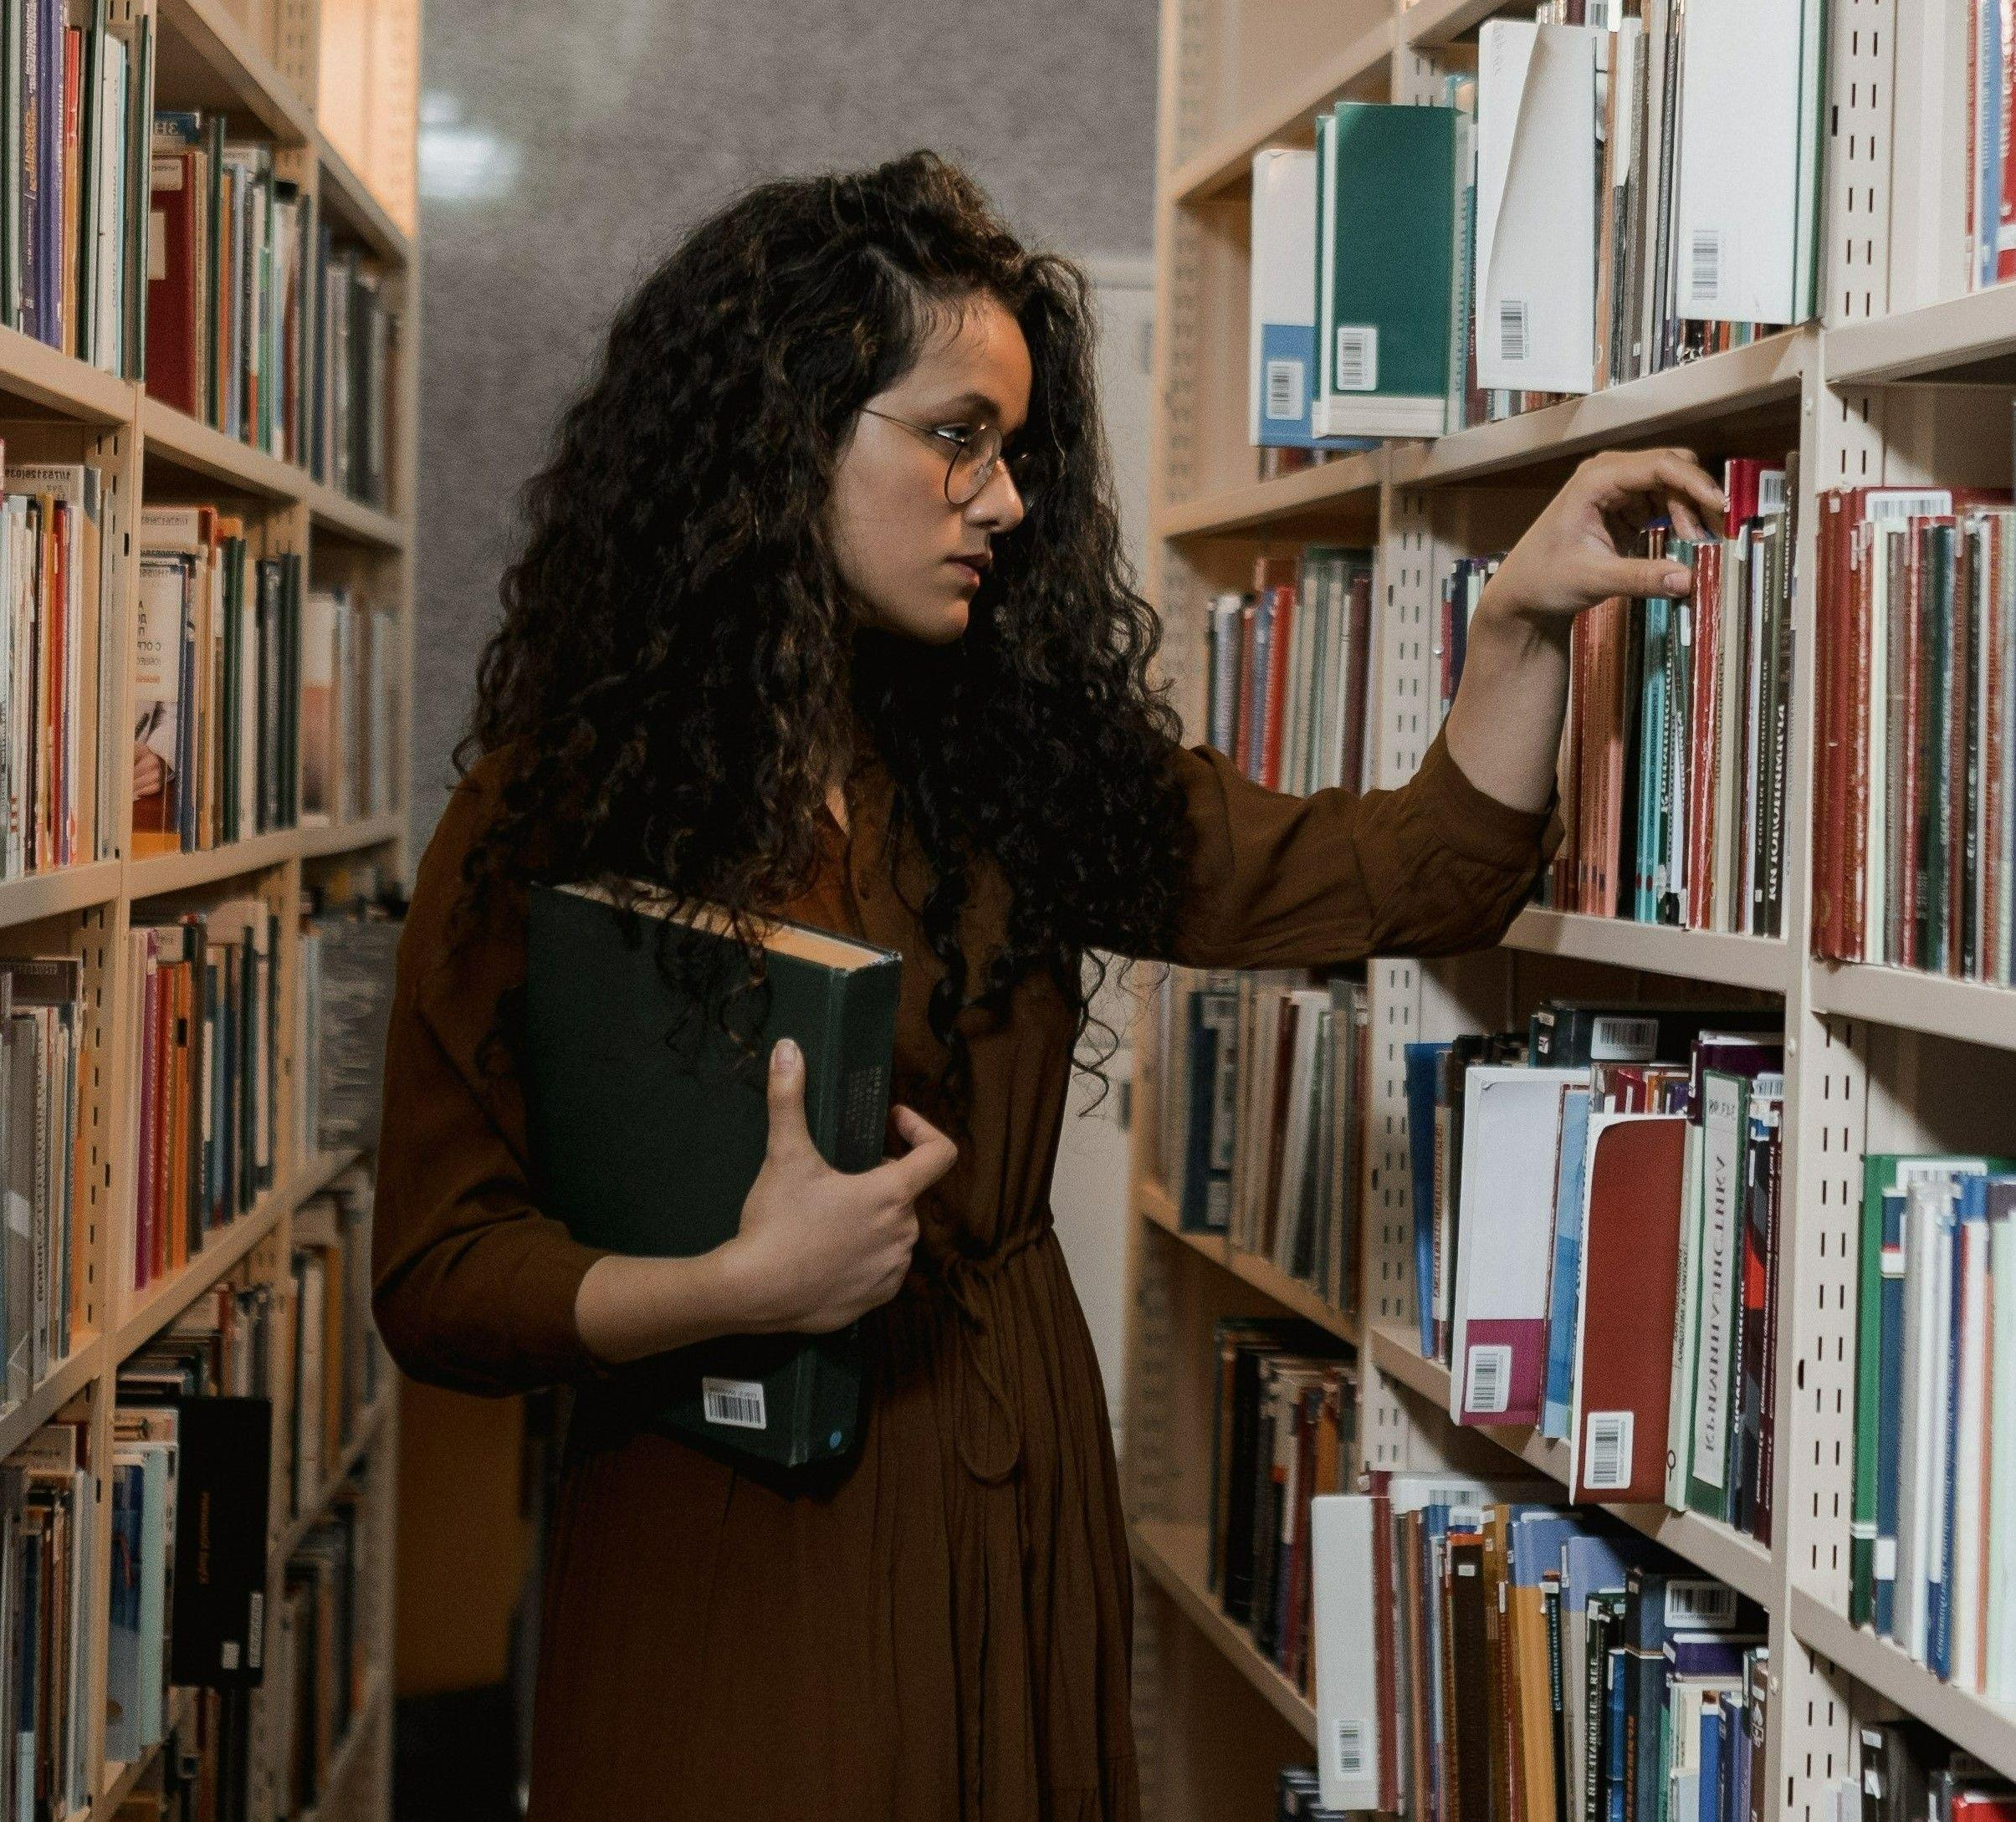 Фото с девушкой в библиотеке ищущею книгу на английском языке